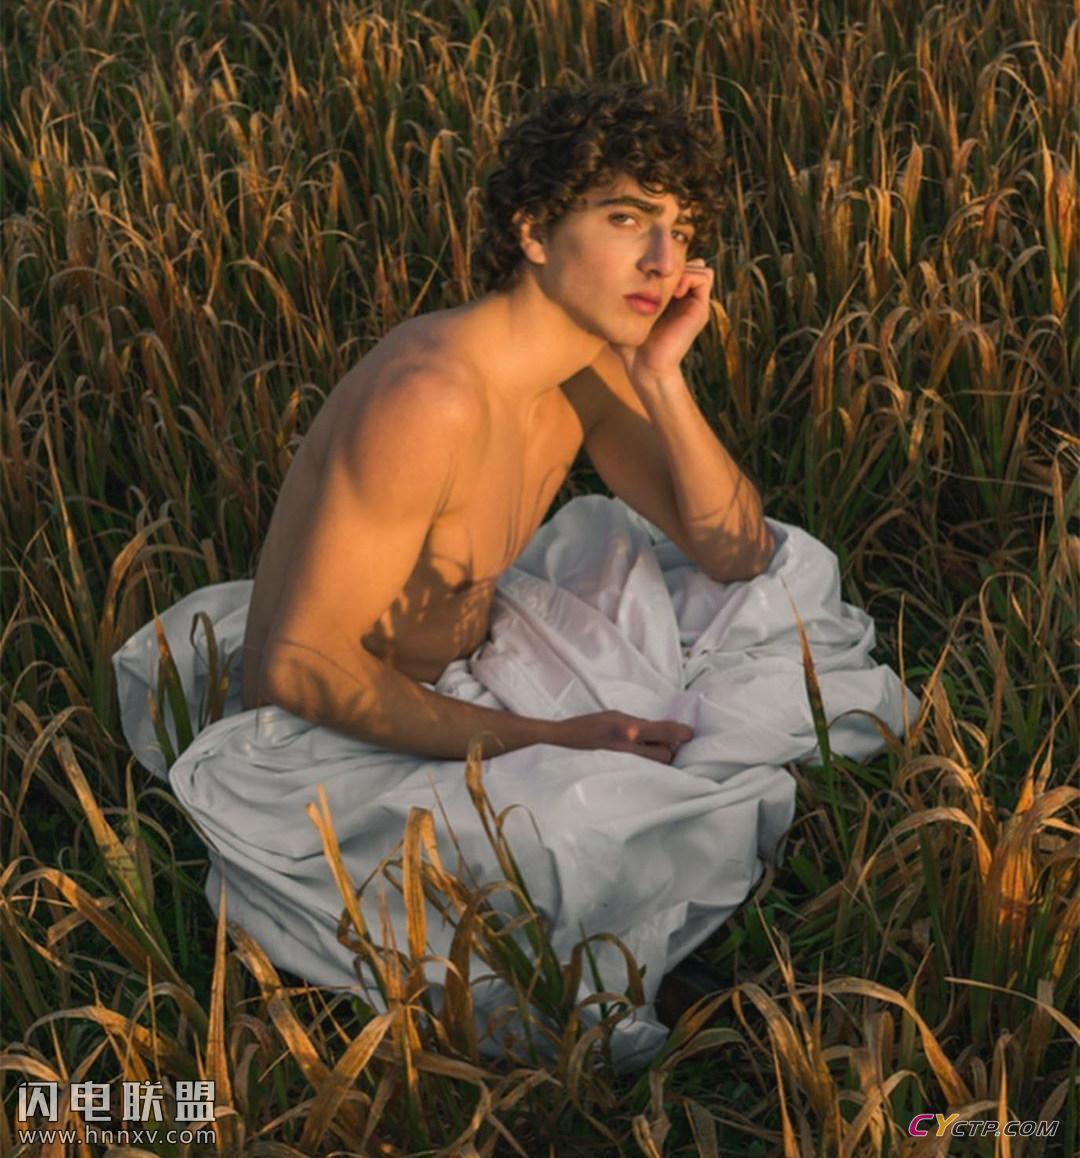 欧美小鲜肉帅哥同志性感肌肉腹肌户外写真图片